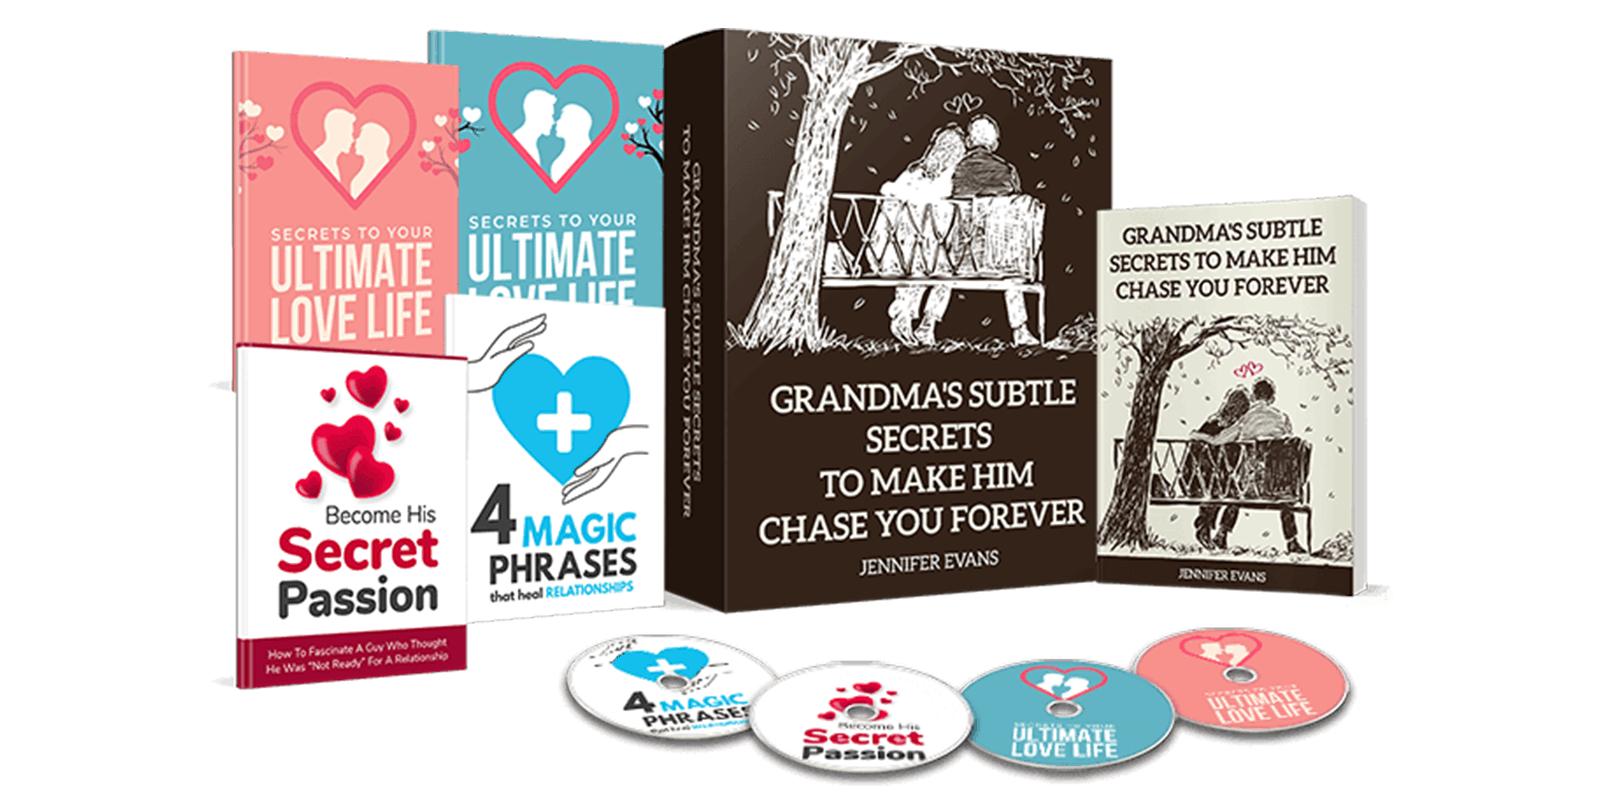 Grandma's Subtle Secrets reviews